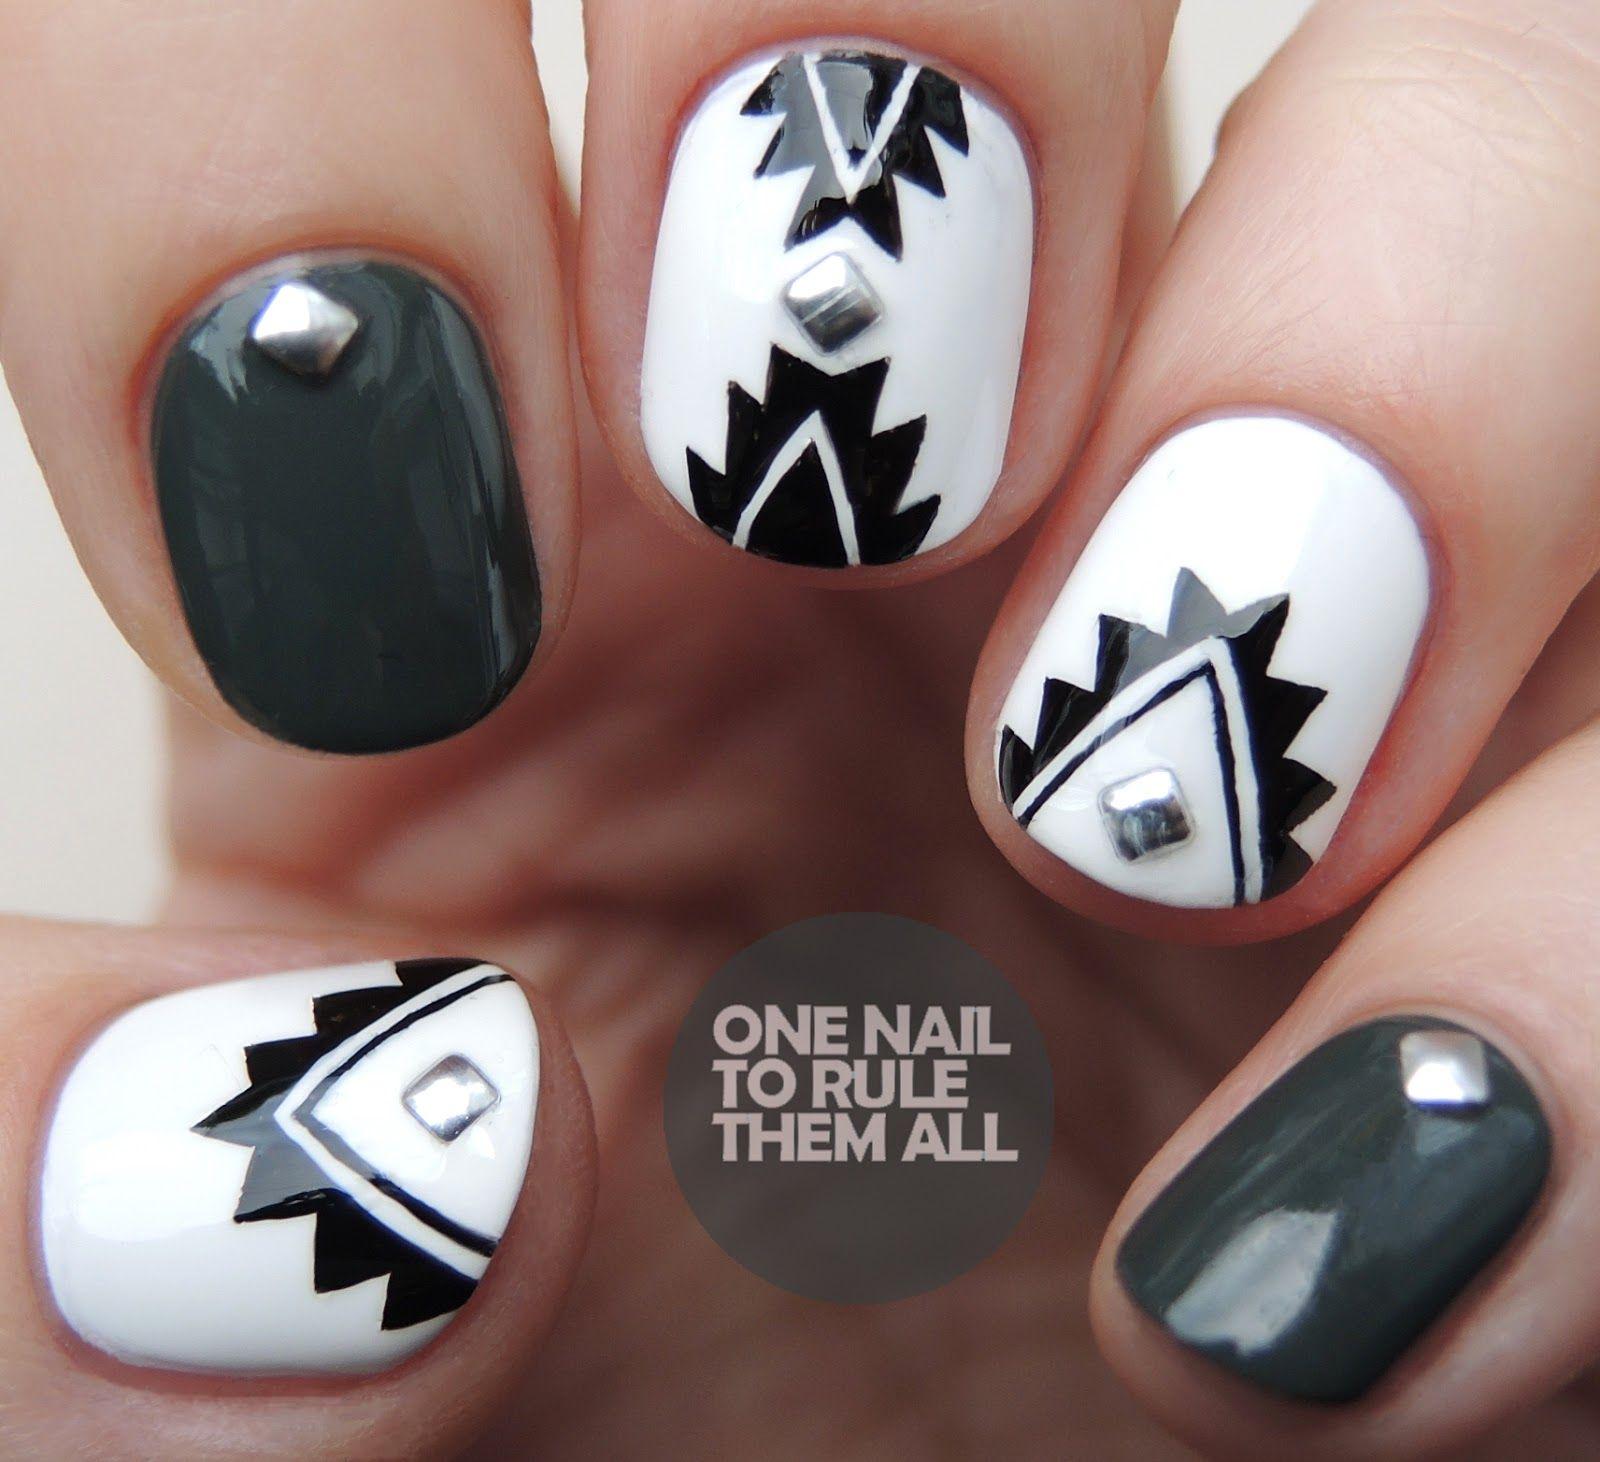 Award Winning British Nail Art Blog Nails Pinterest Nail Art Blog